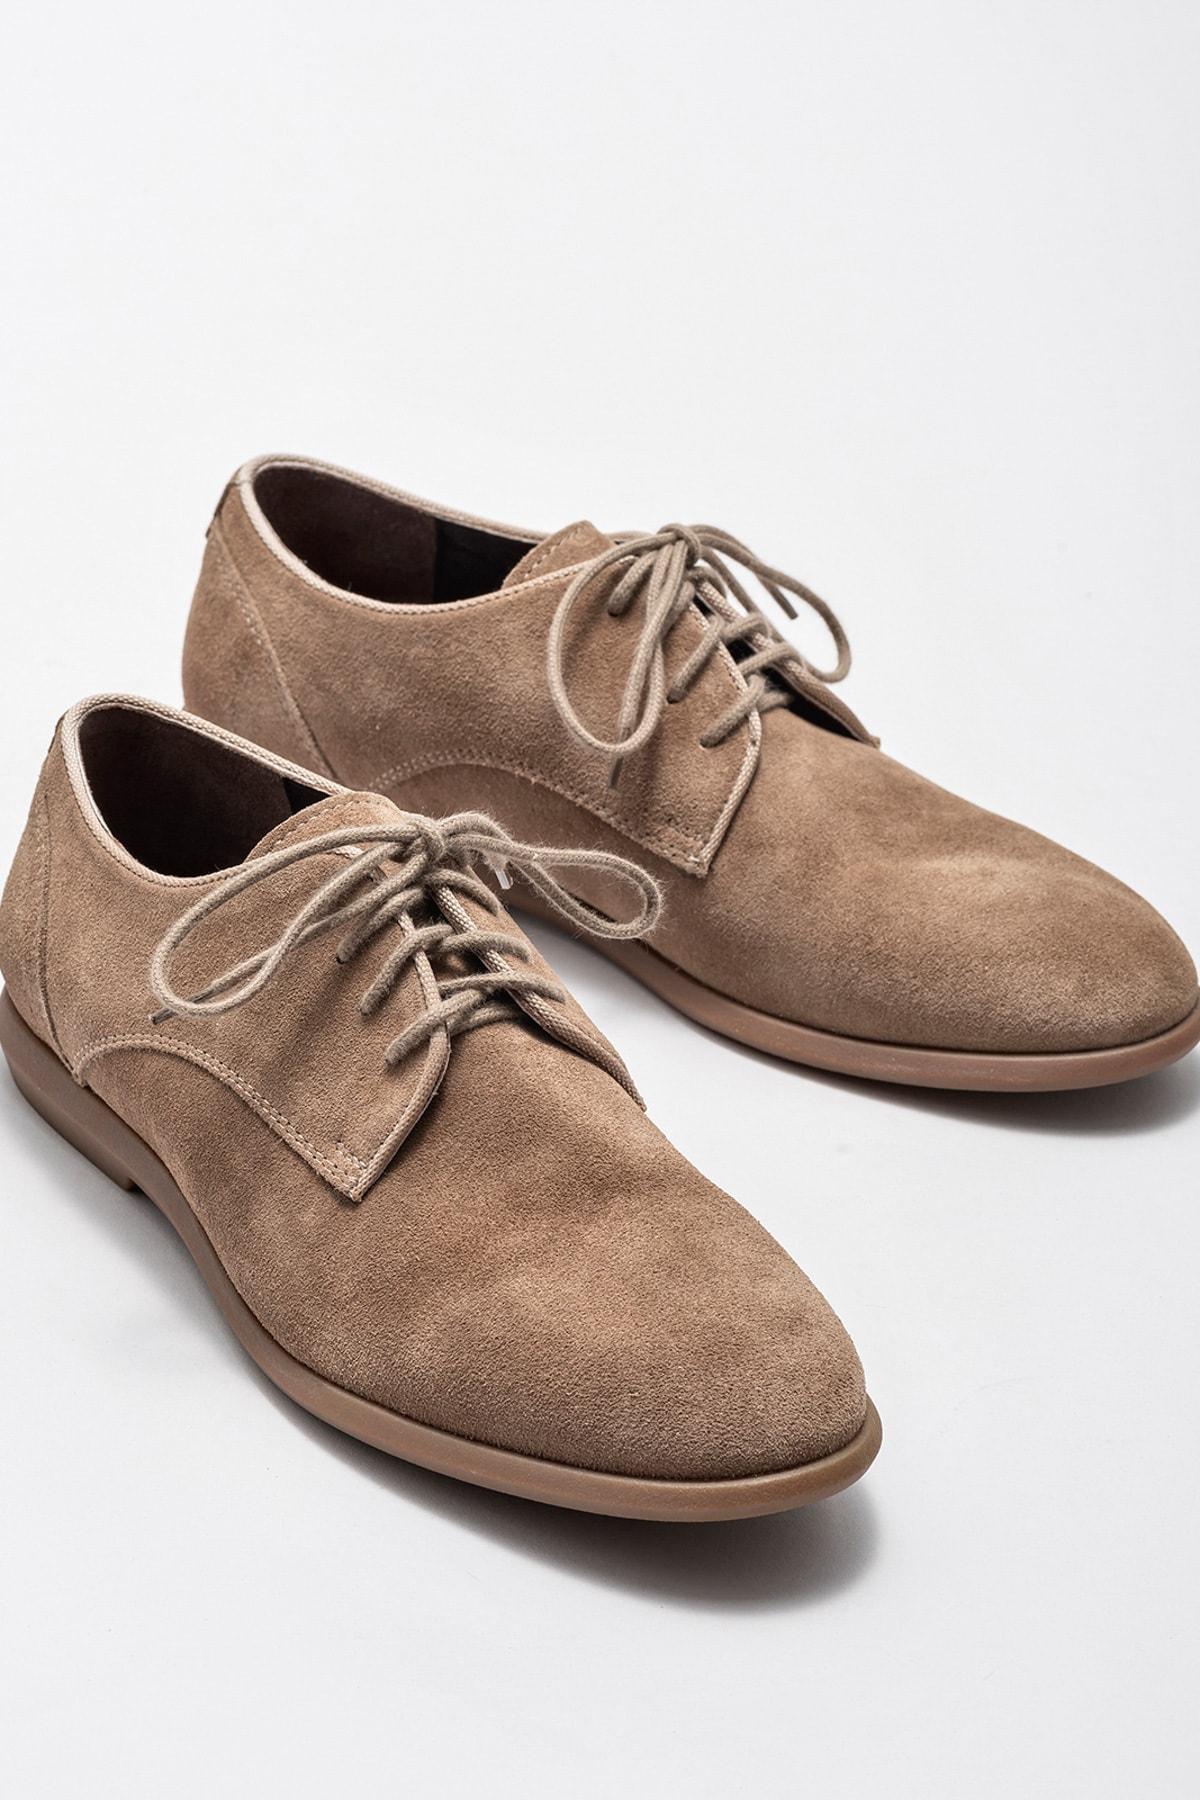 Elle Shoes Erkek CADDA Casual Ayakkabı 20KPAP21710 2